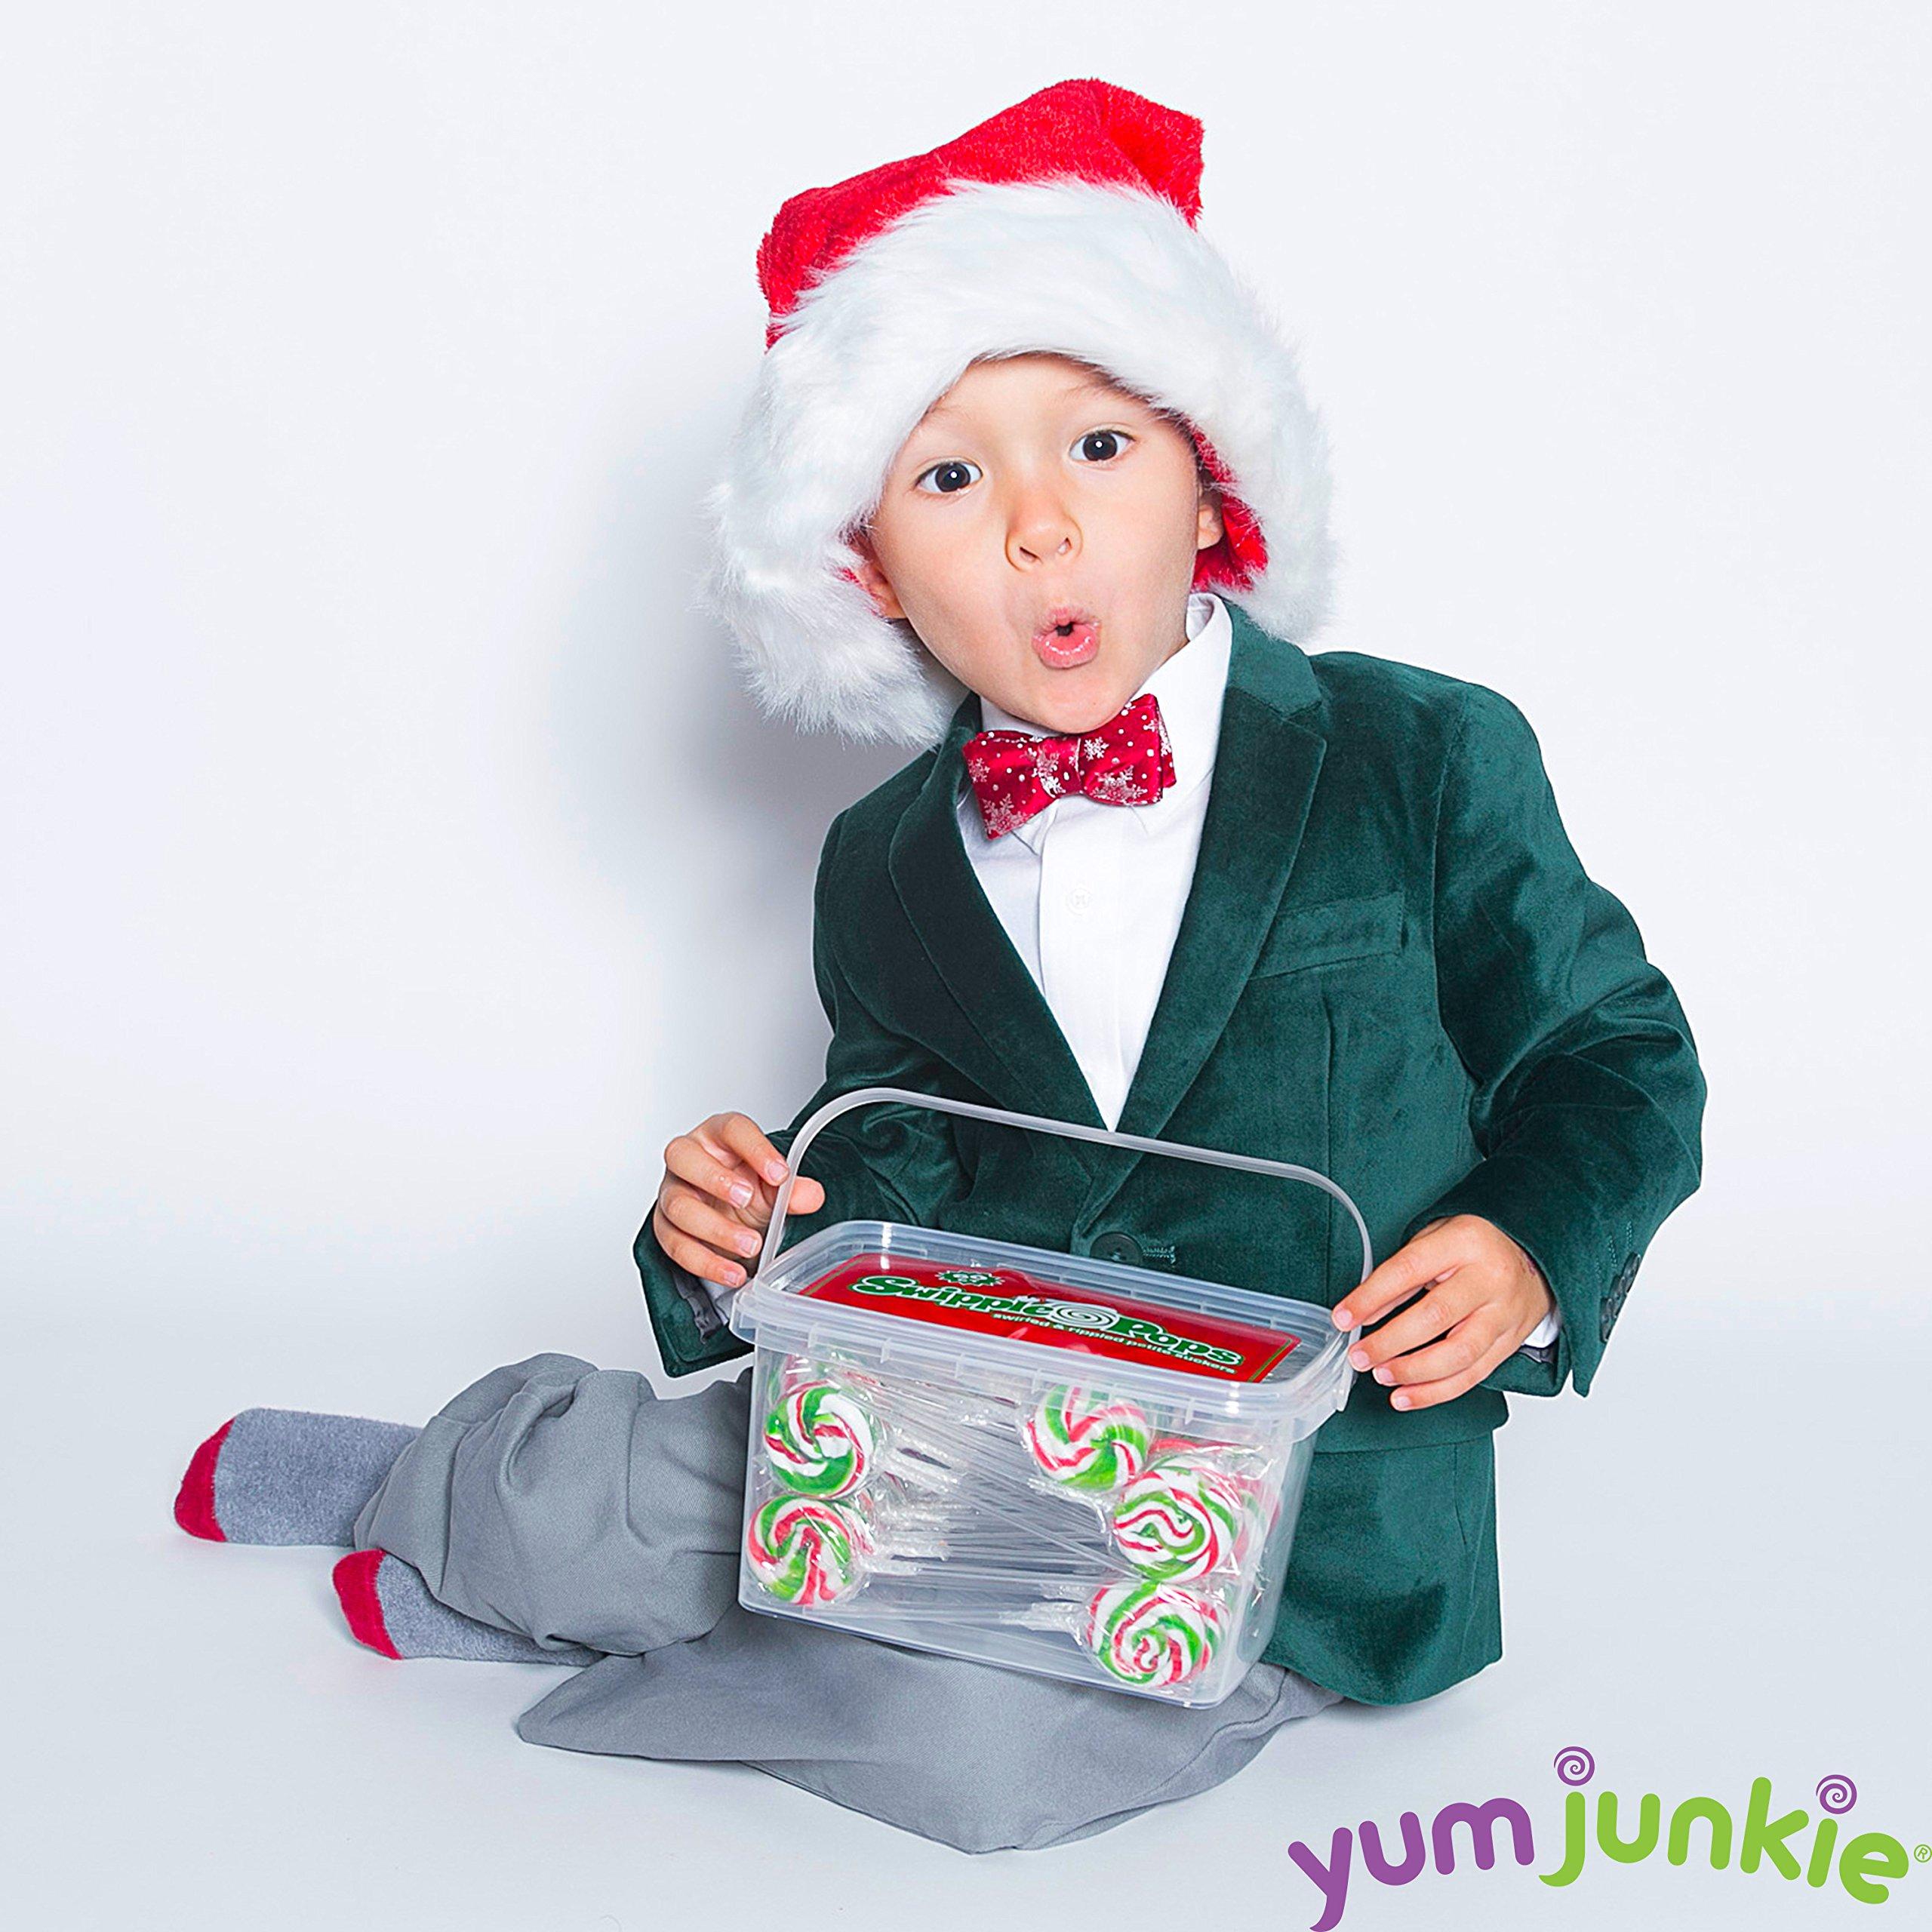 Swipple Pops Petite Swirl Ripple Lollipops - 60-Piece Tub (Christmas) by YumJunkie